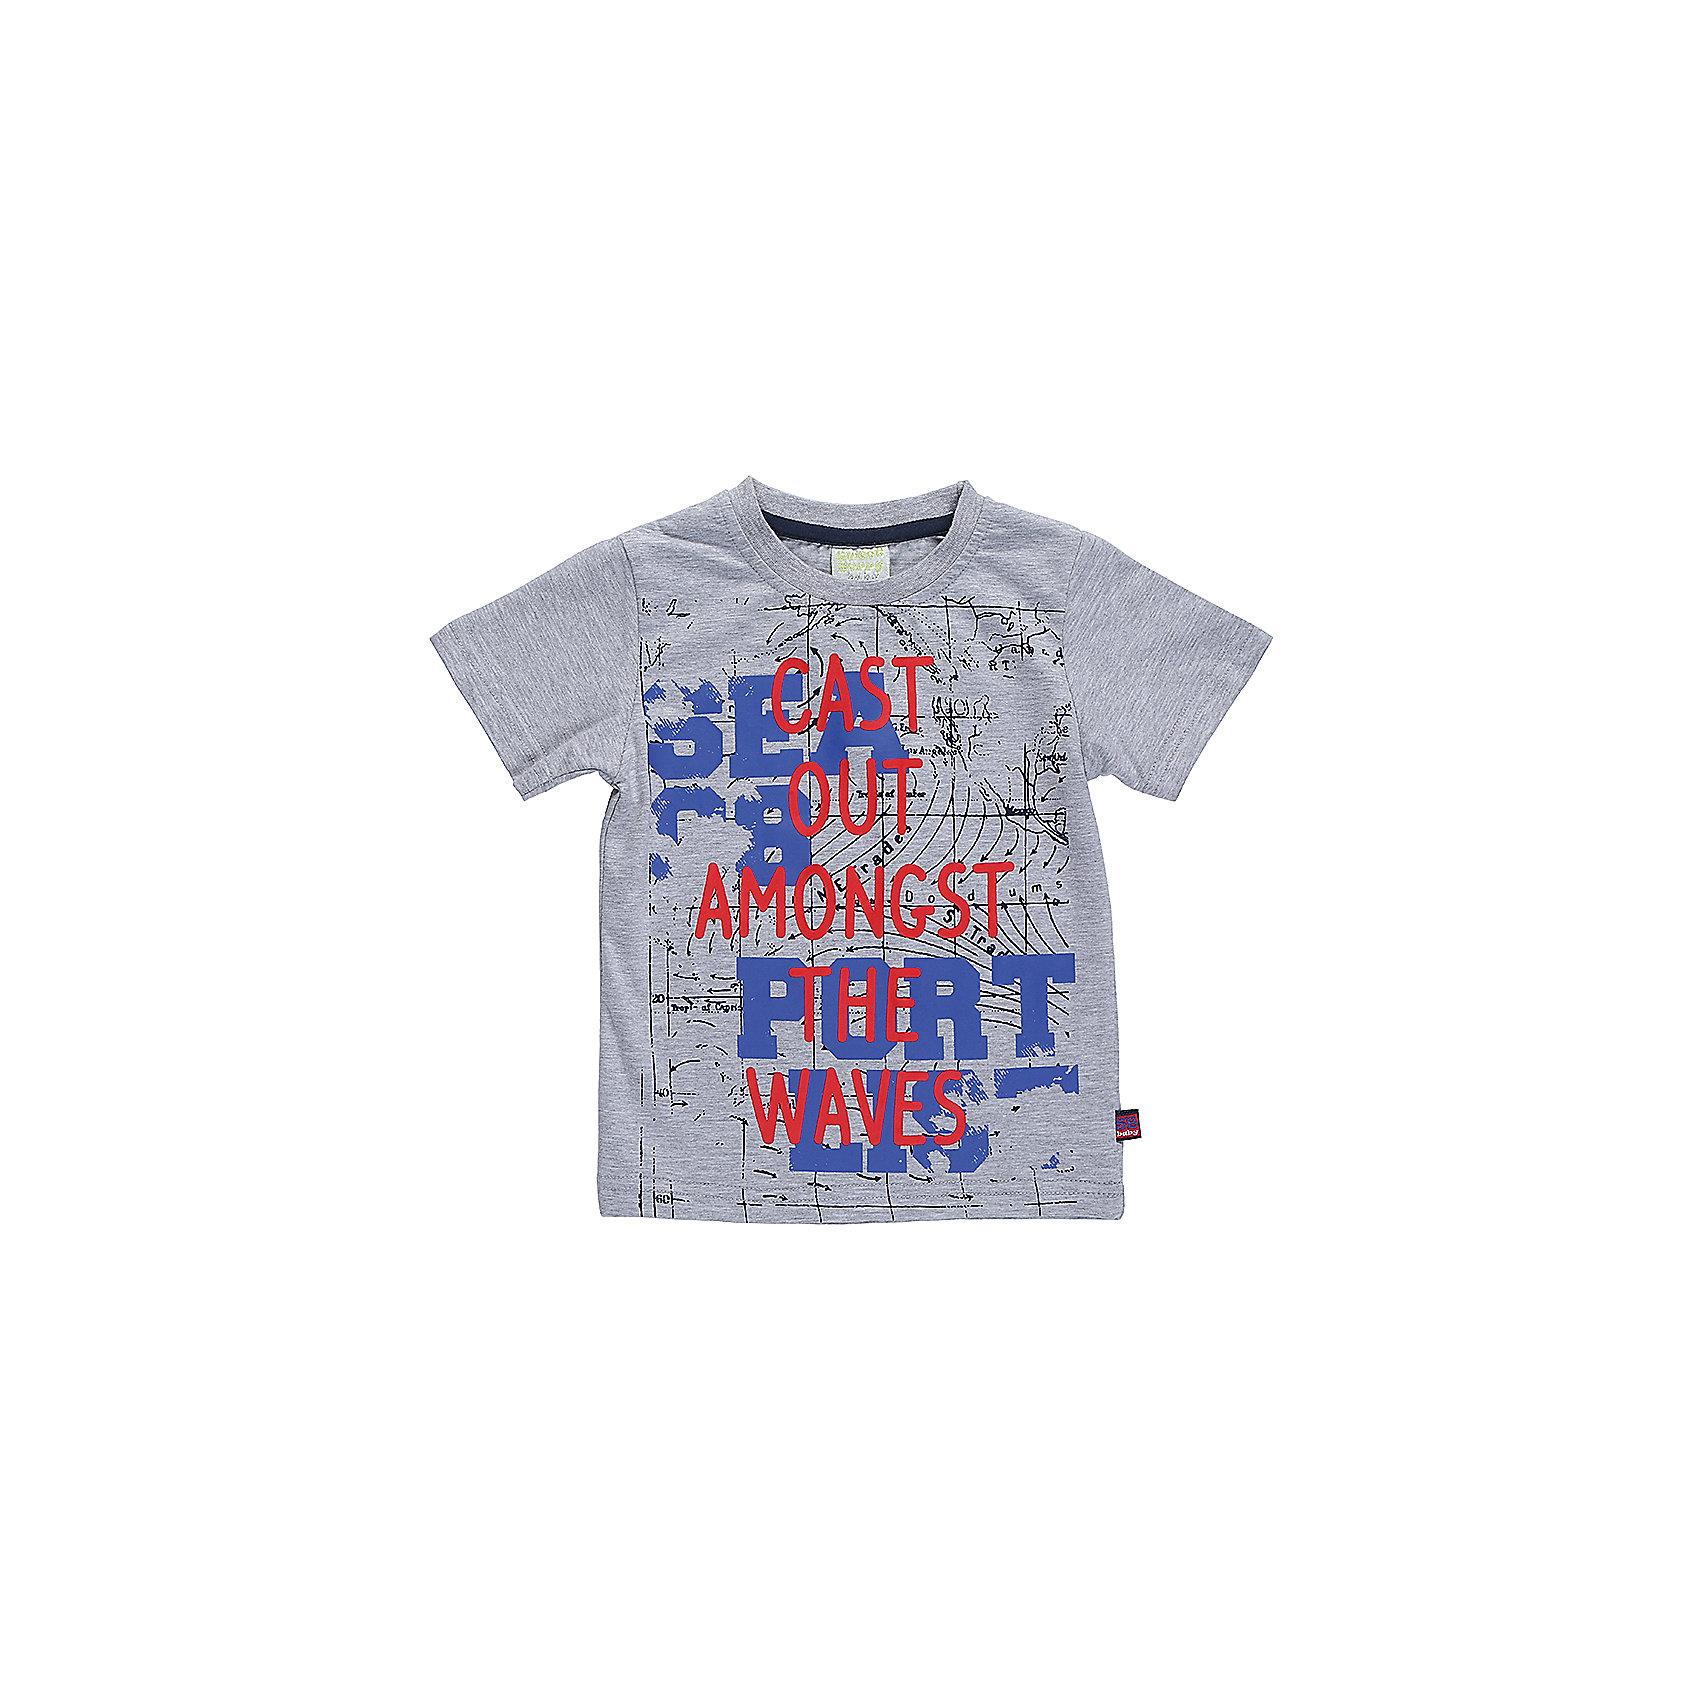 Футболка для мальчика Sweet BerryФутболки, поло и топы<br>Меланжевая футболка из трикотажной тканис разноцветным принтом для мальчика.<br>Состав:<br>95%хлопок 5%эластан<br><br>Ширина мм: 199<br>Глубина мм: 10<br>Высота мм: 161<br>Вес г: 151<br>Цвет: серый<br>Возраст от месяцев: 12<br>Возраст до месяцев: 15<br>Пол: Мужской<br>Возраст: Детский<br>Размер: 80,86,92,98<br>SKU: 5411805